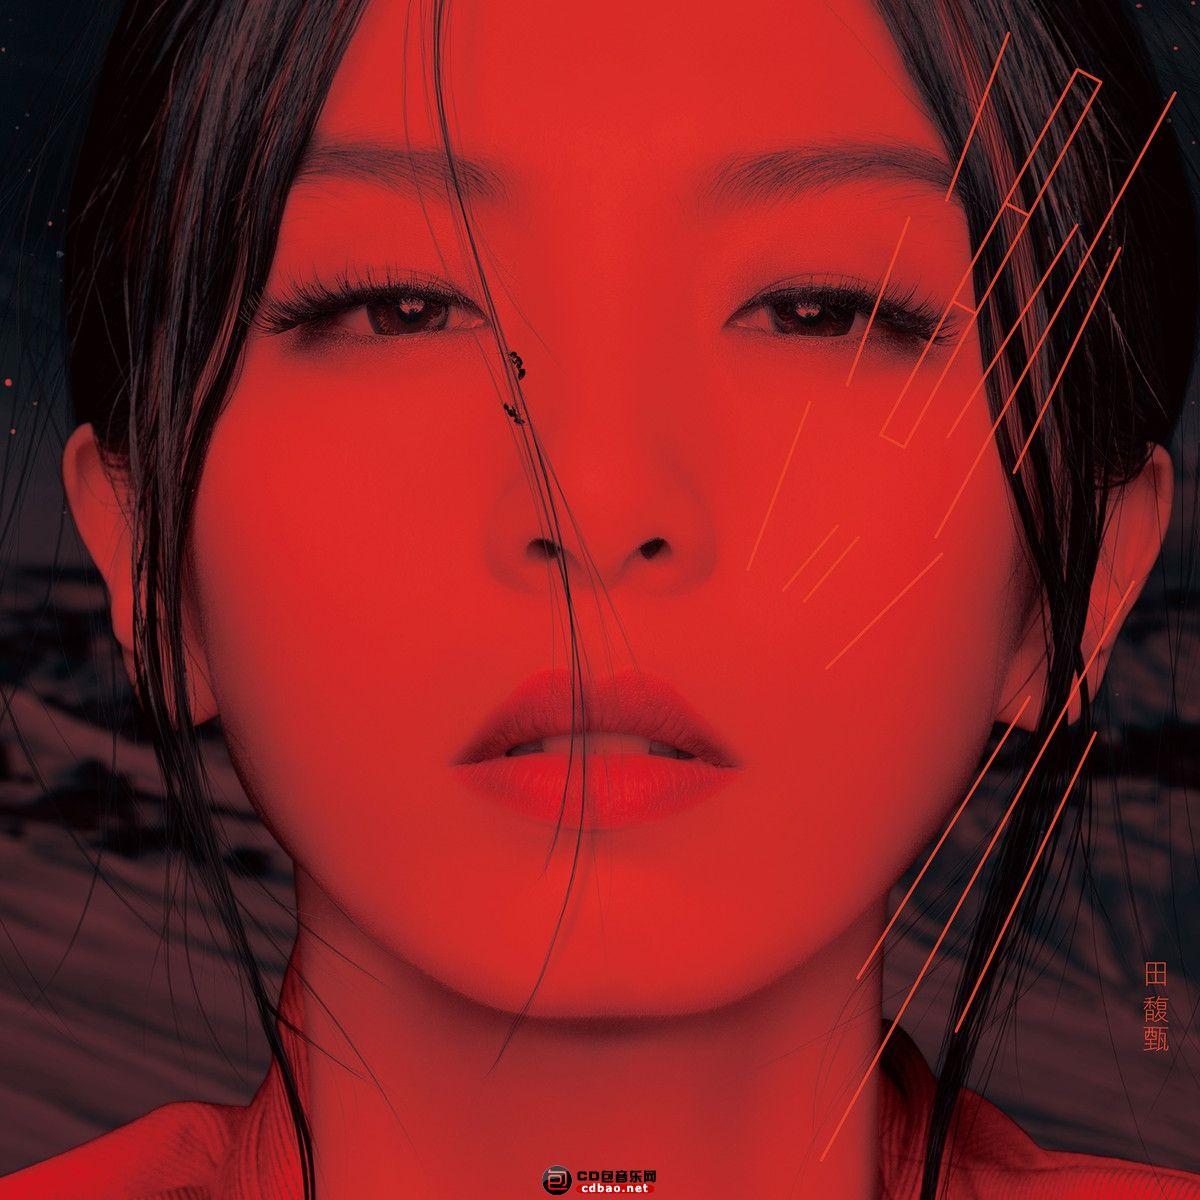 田馥甄(Hebe)《渺小》[WAV/整轨/度盘]2013.11.29最新大碟~!